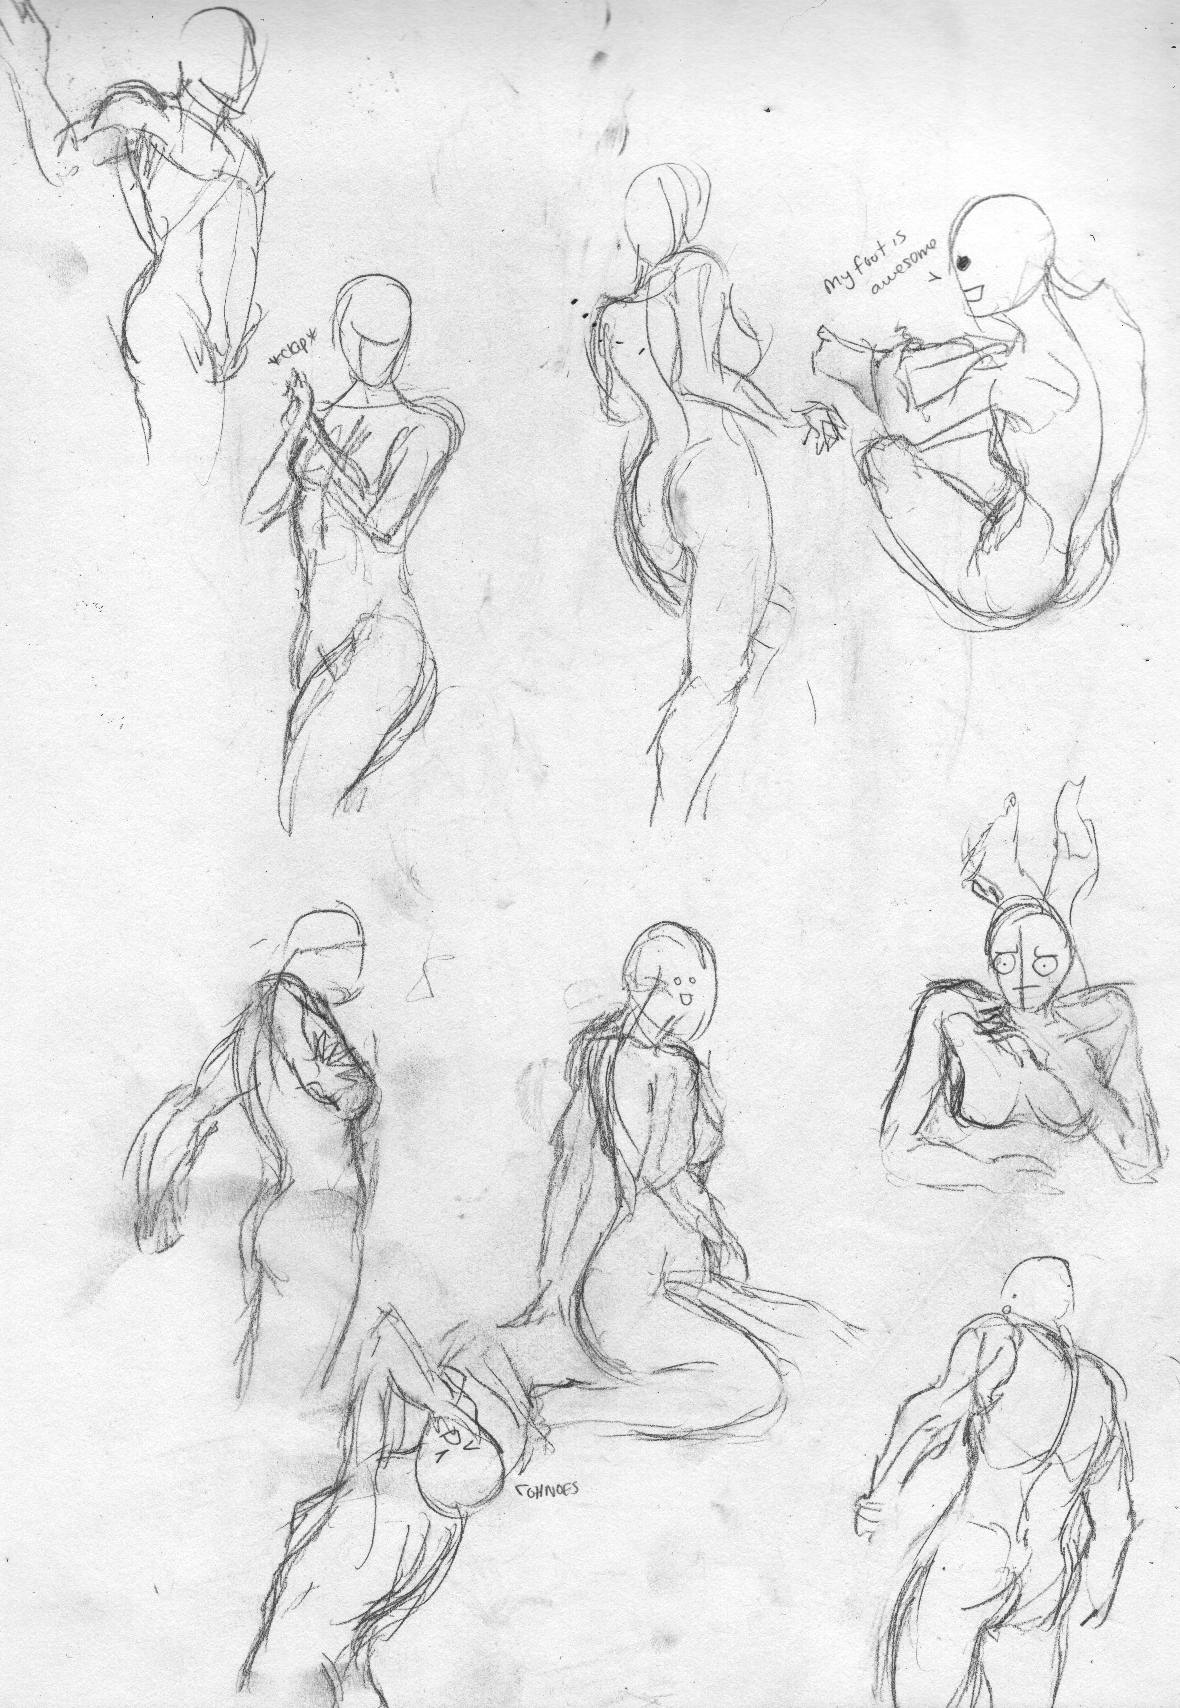 Menjah's plethora of crappy drawings :D